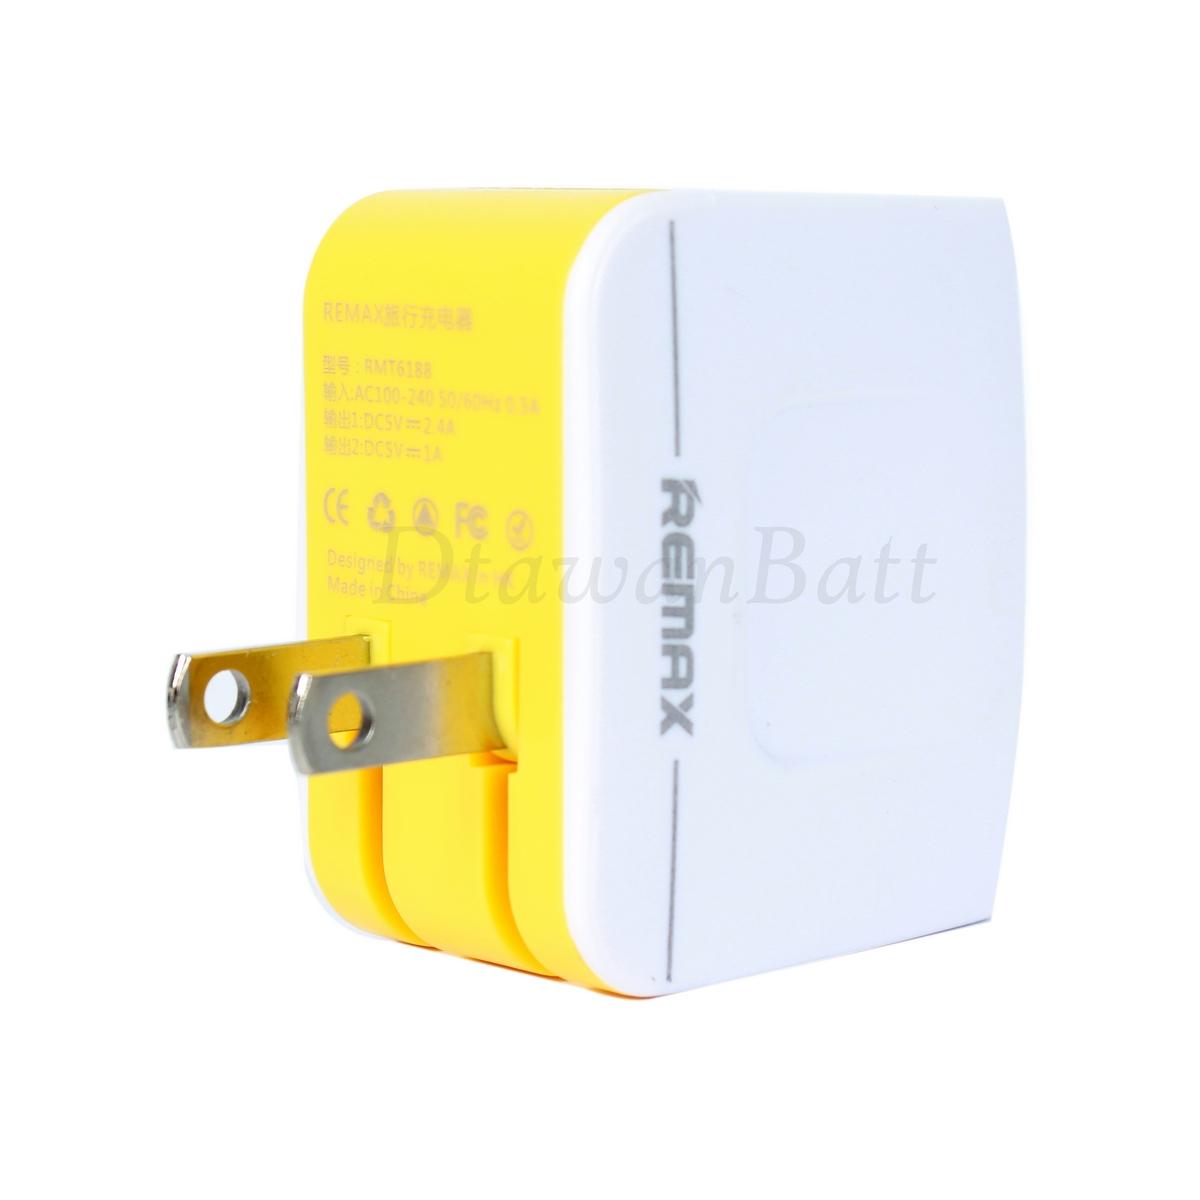 ปลั๊ก USB Remax , Adaptor USB Remax รองรับไฟสูงสุด 3.4A ของแท้ 100% (สีขาว)